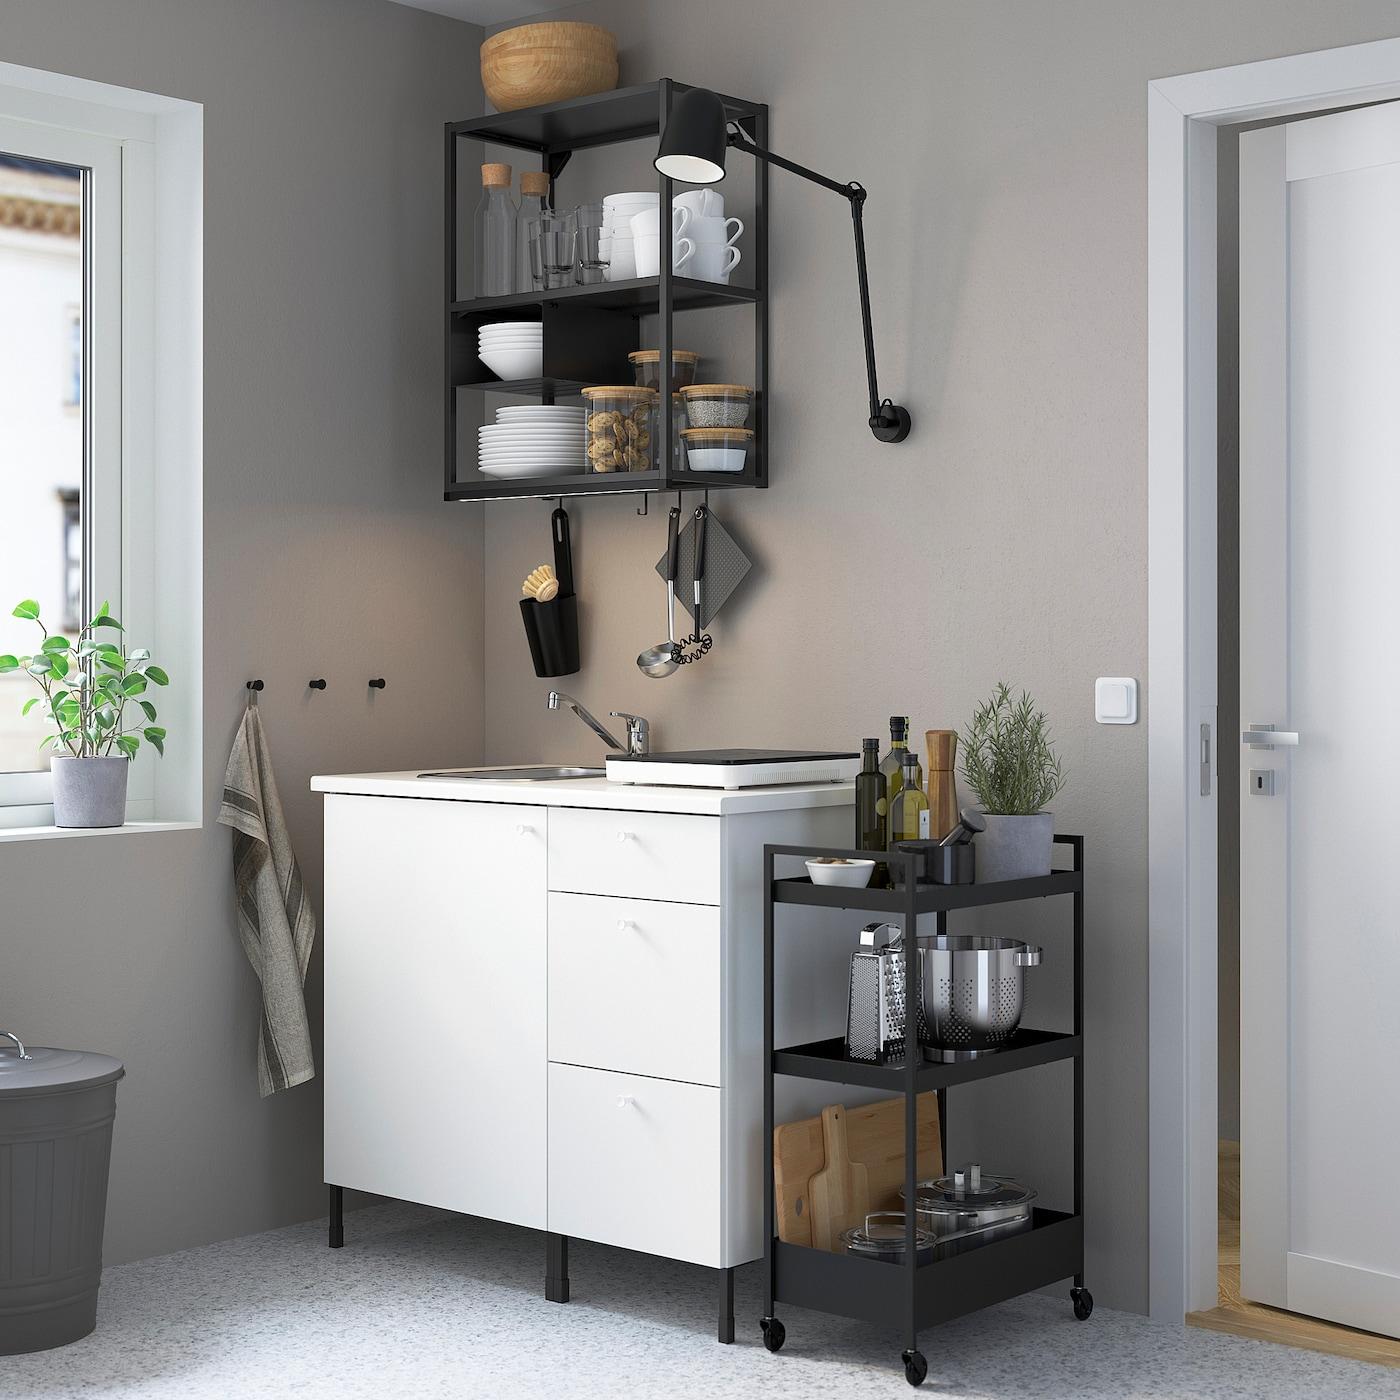 ENHET Küche - anthrazit, weiß - IKEA Deutschland